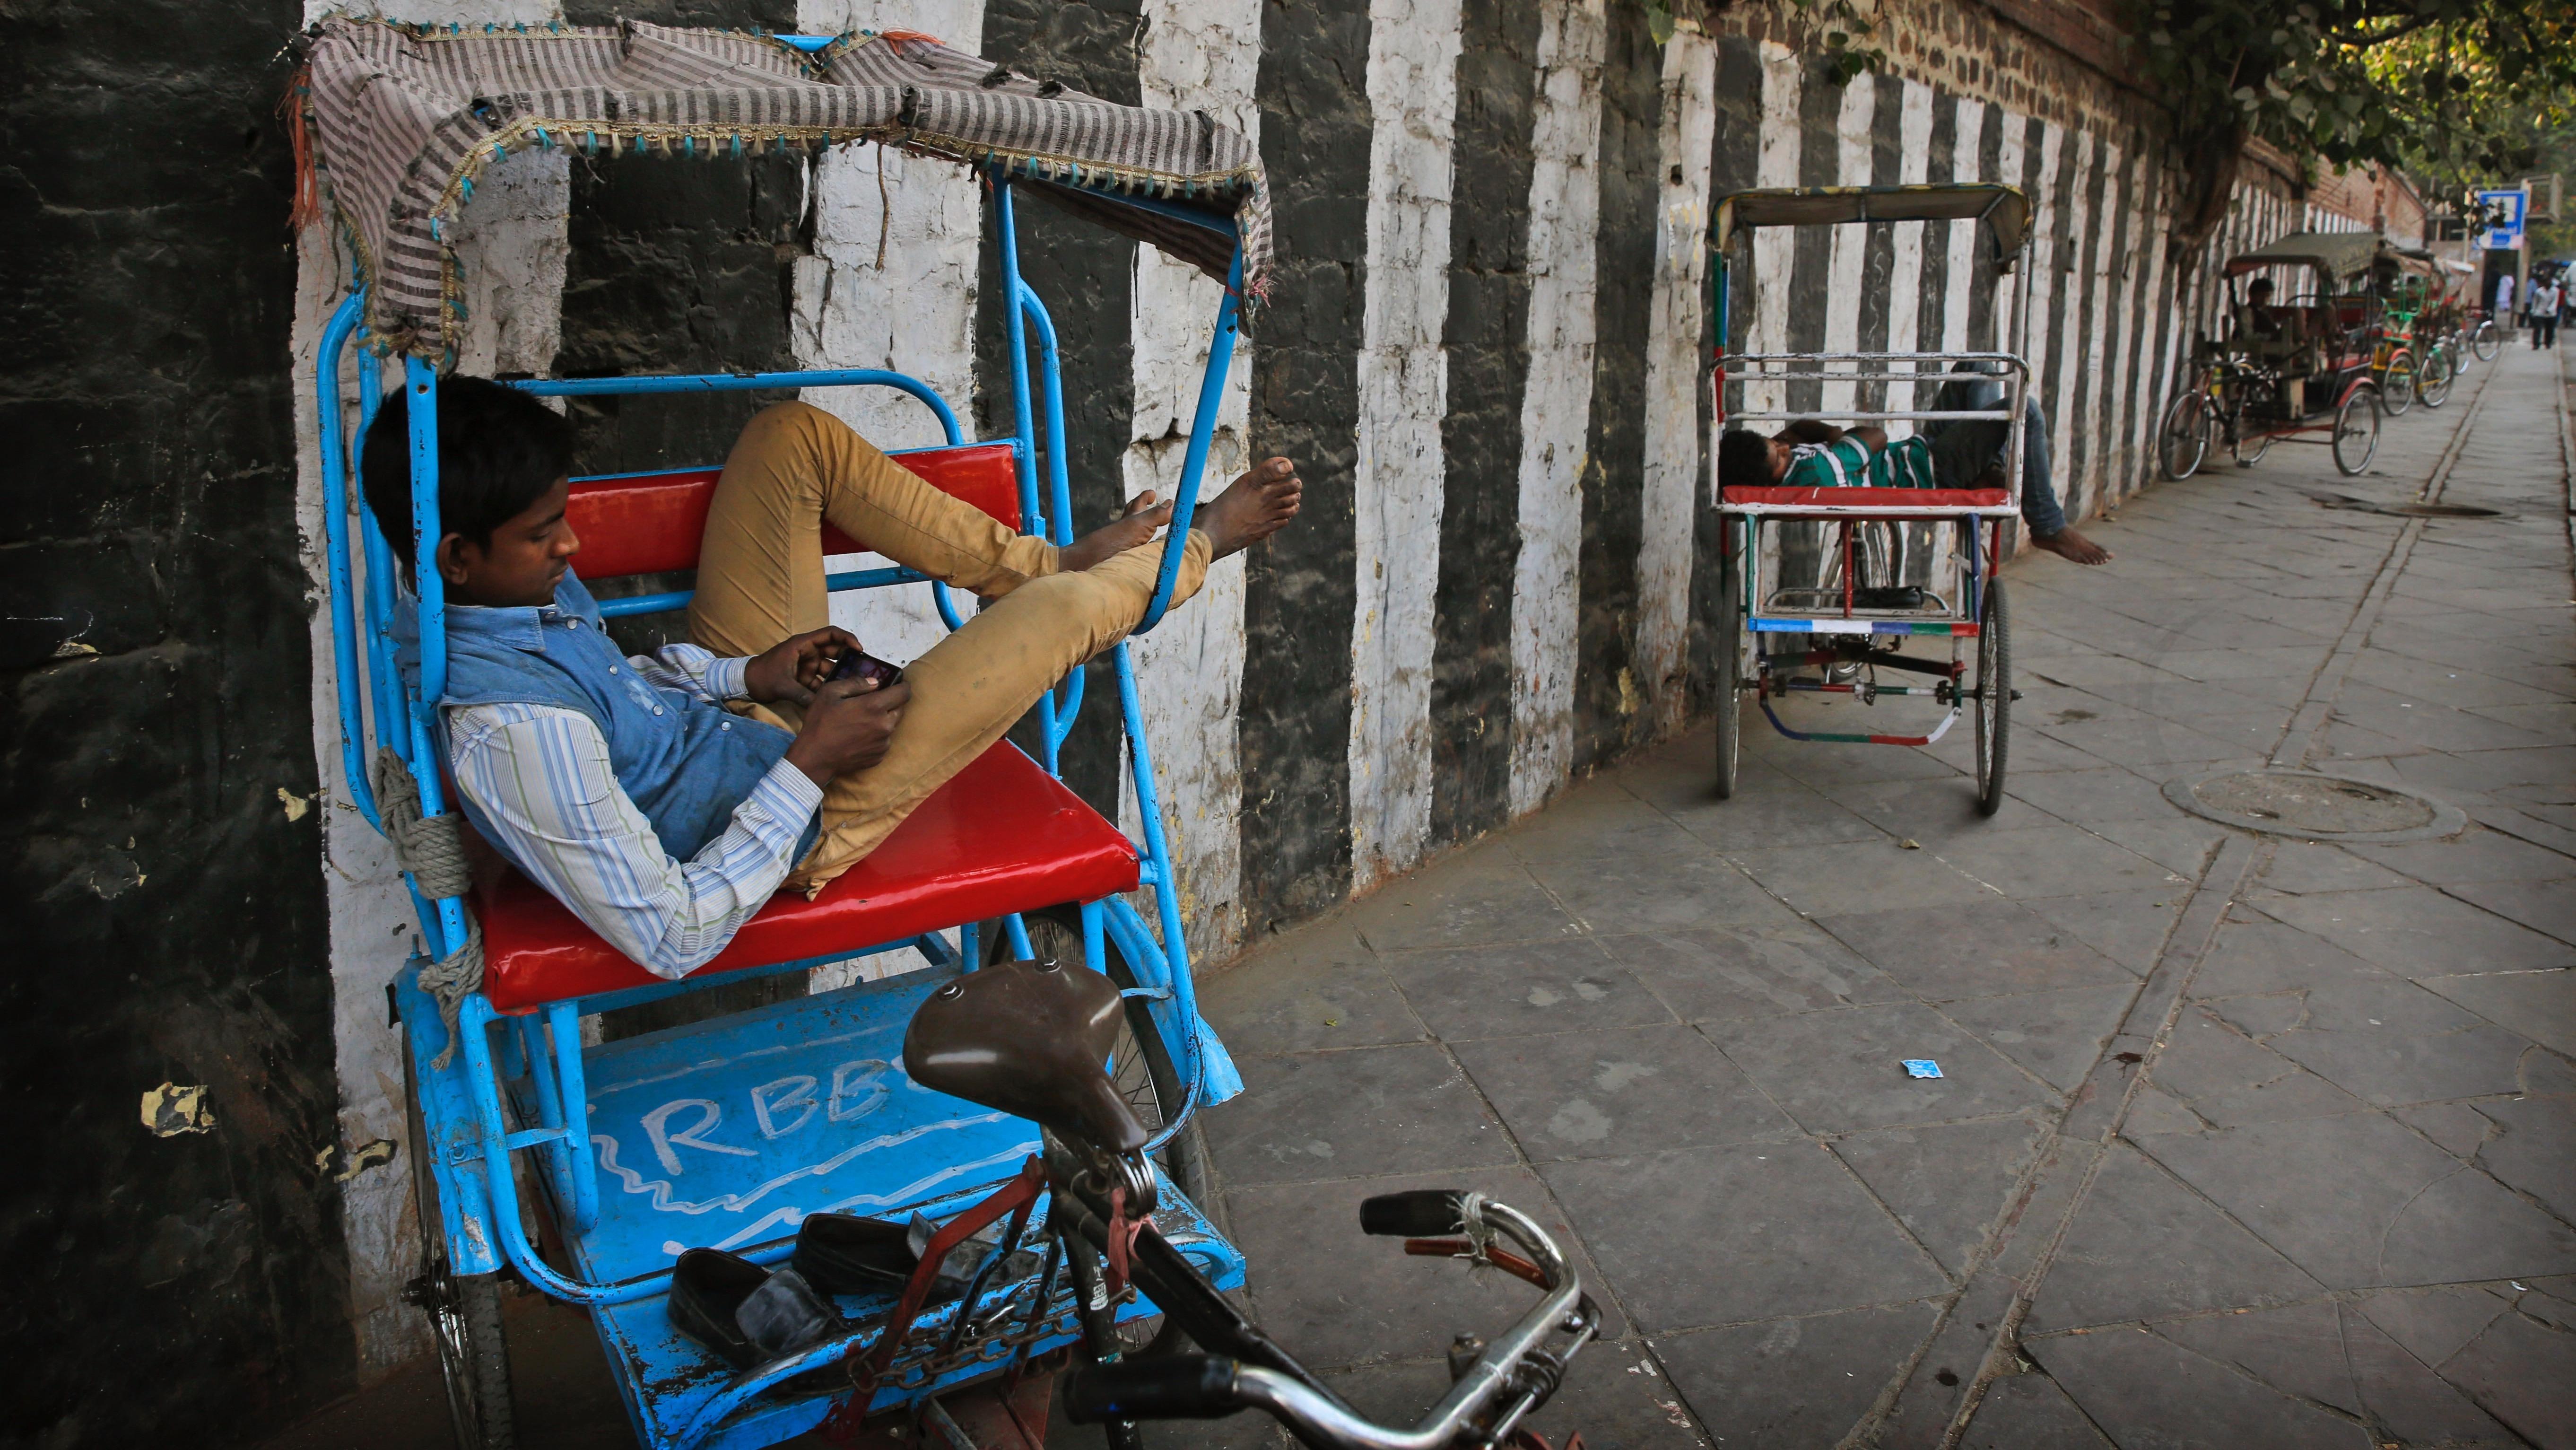 Indian man on phone playing game